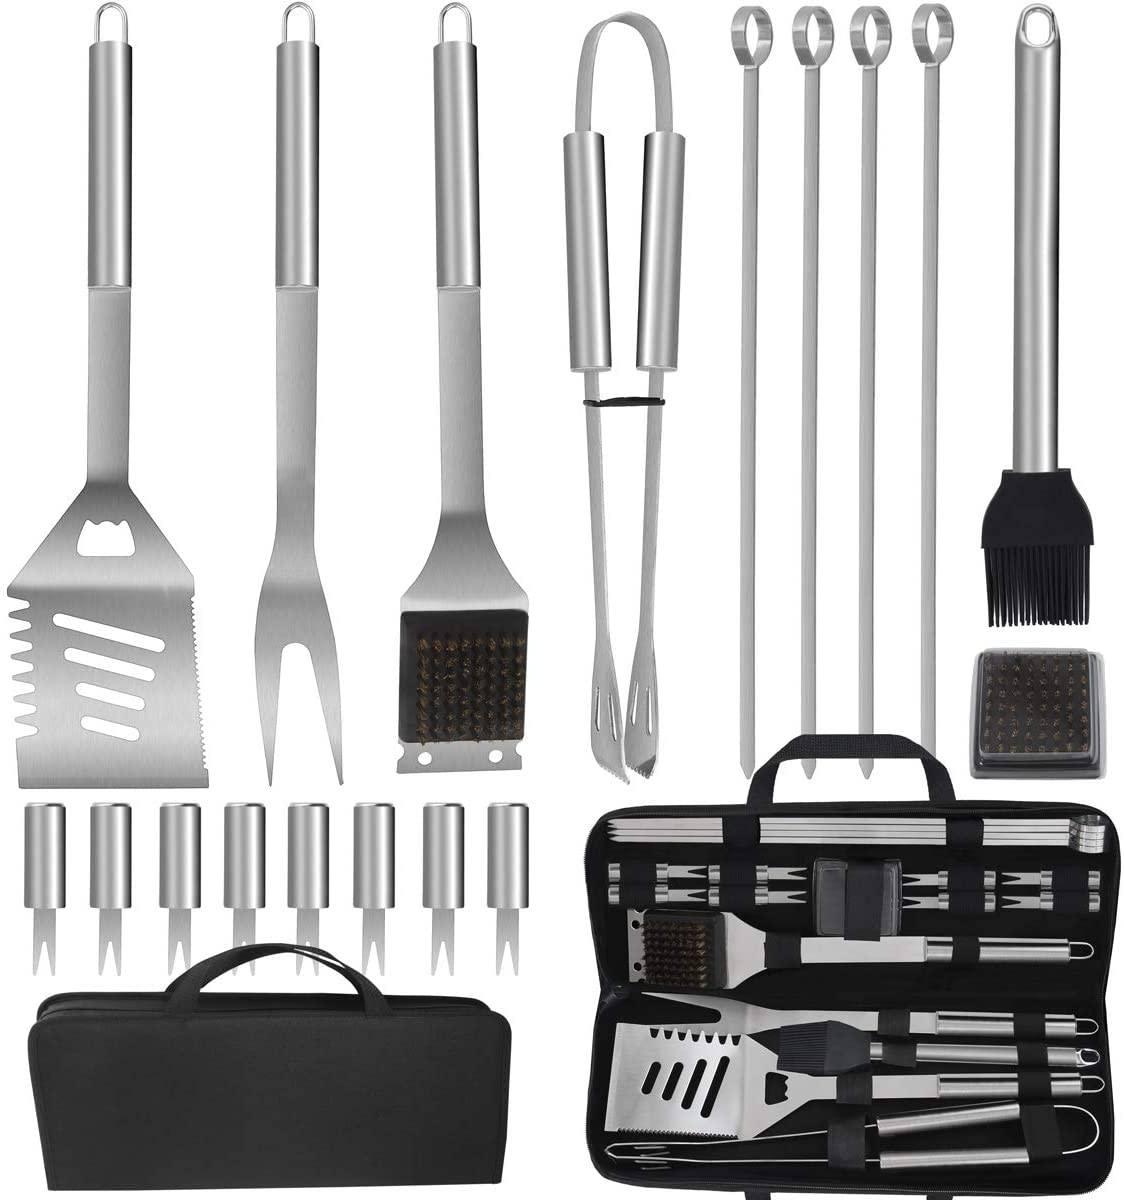 Portable grilling kit